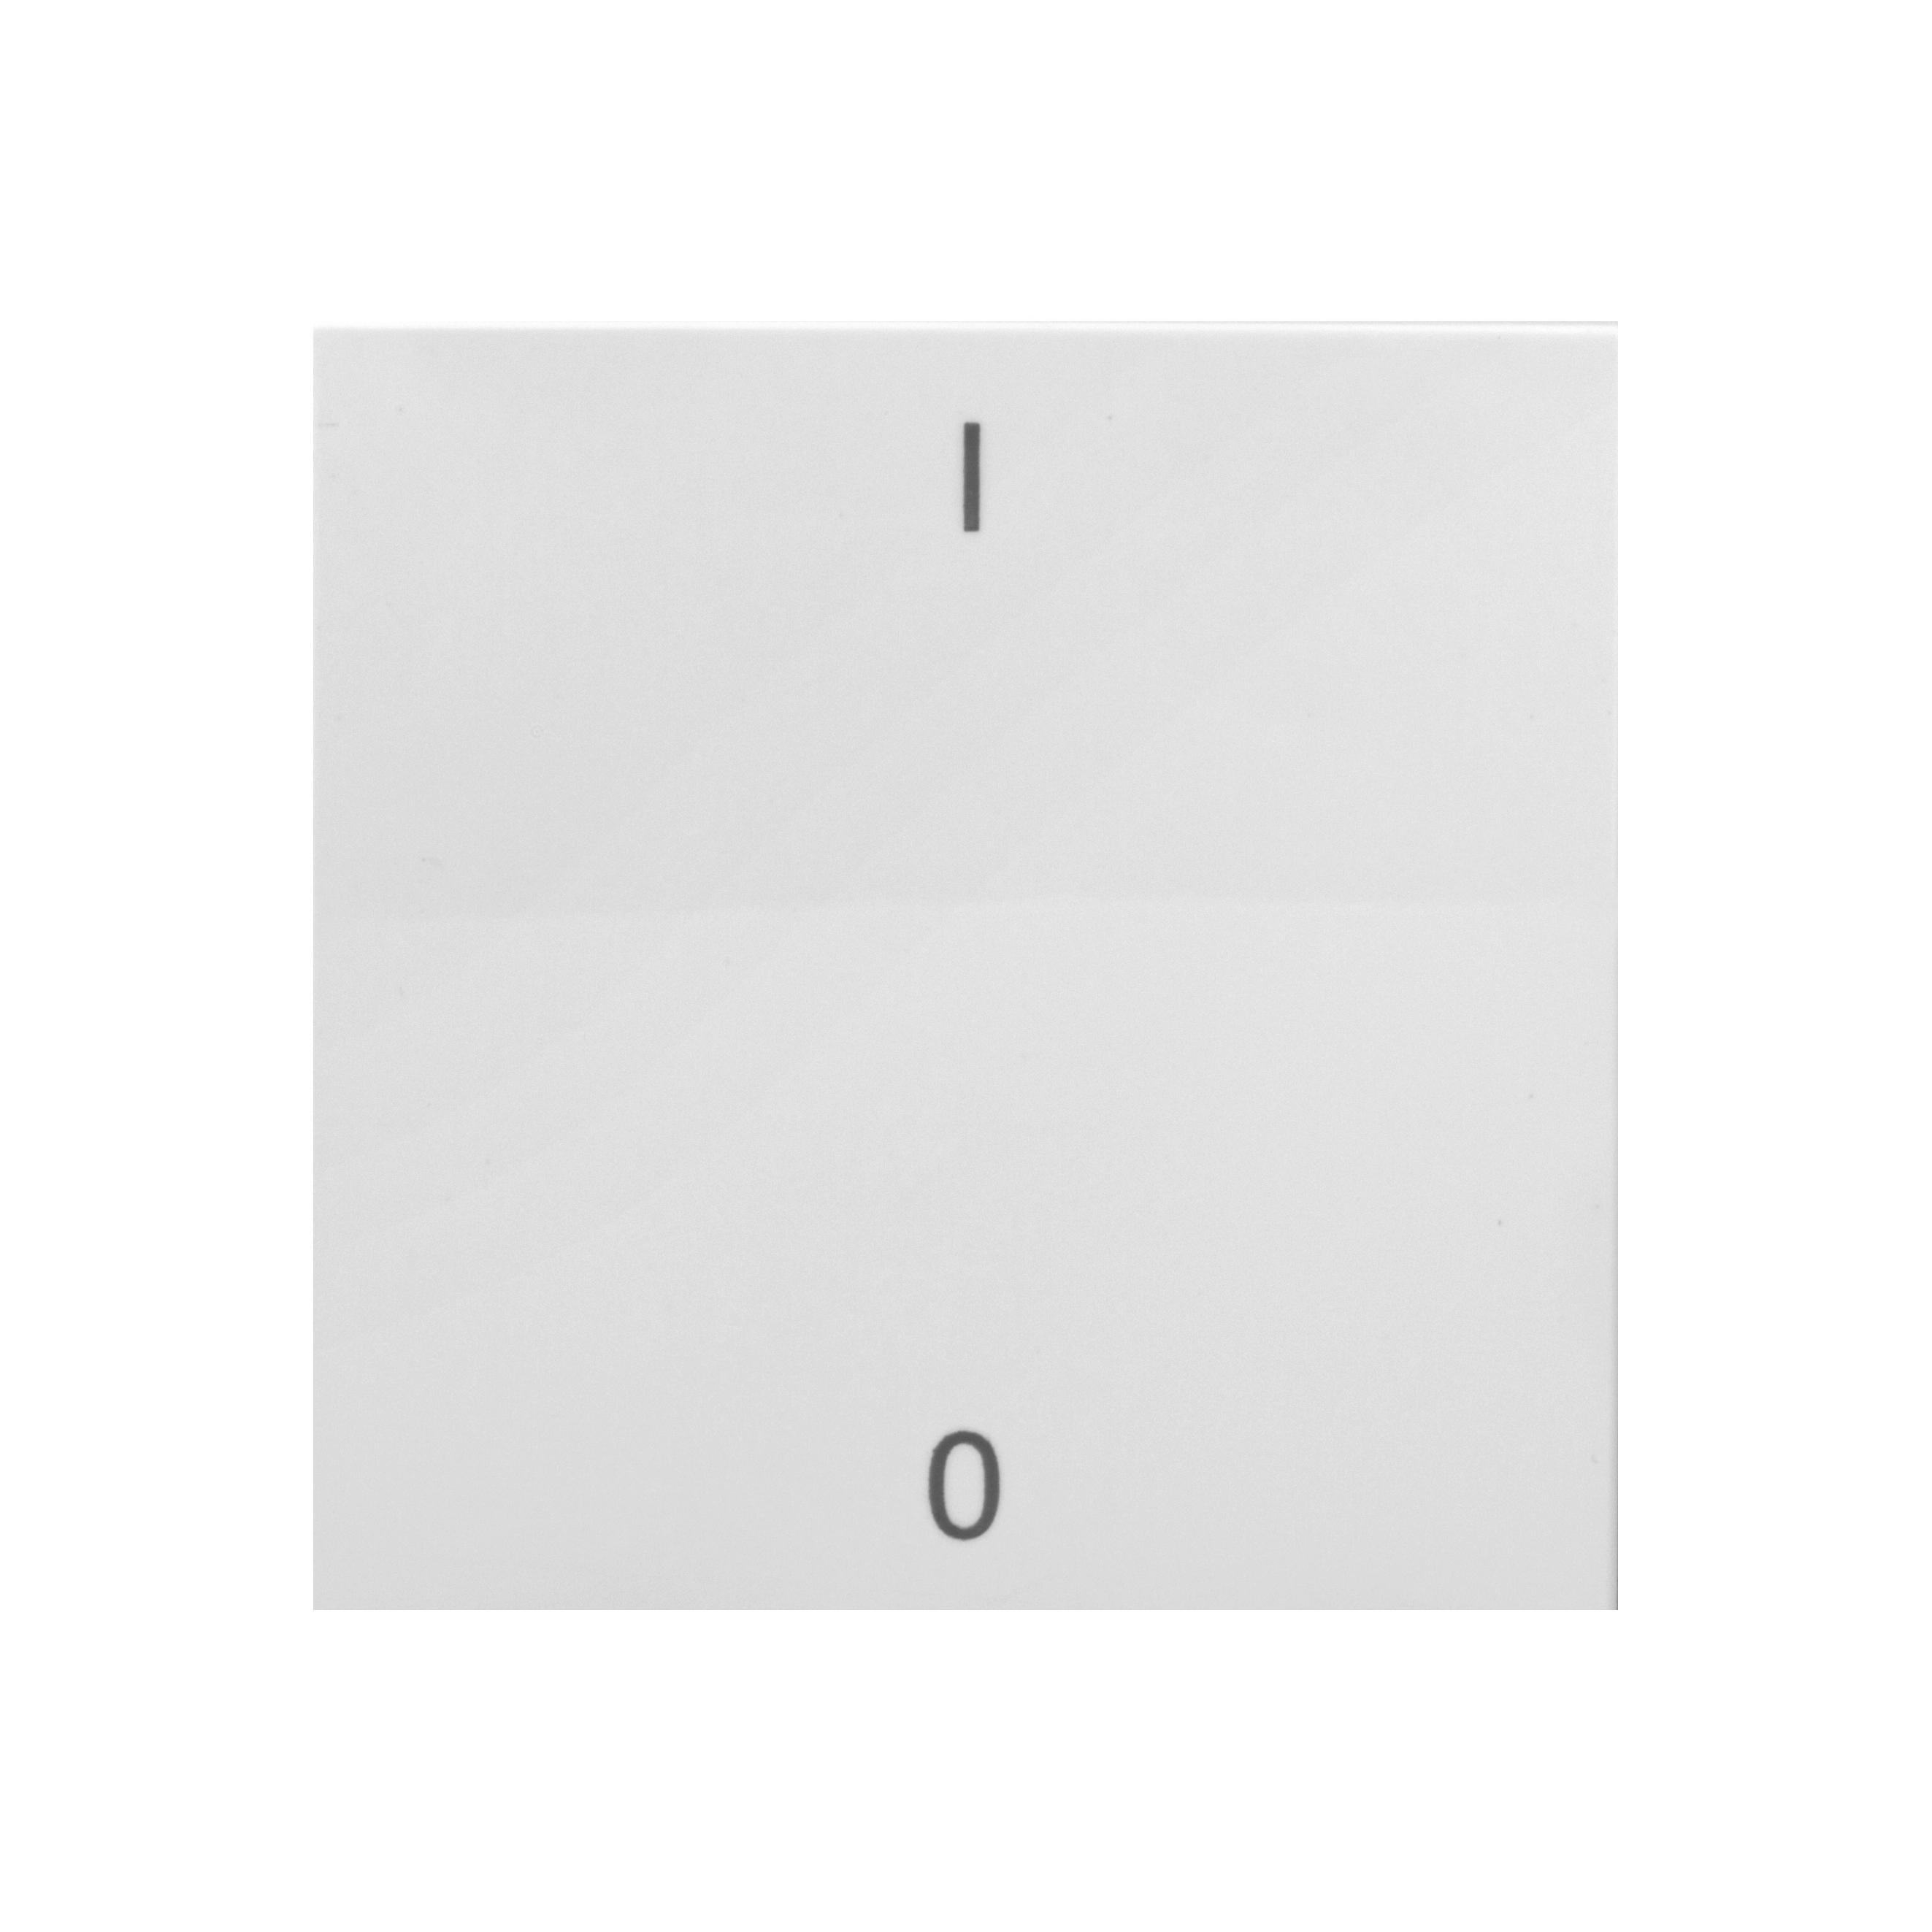 1 Stk Wippe mit Symbol EIN/AUS, weiß EV102017--